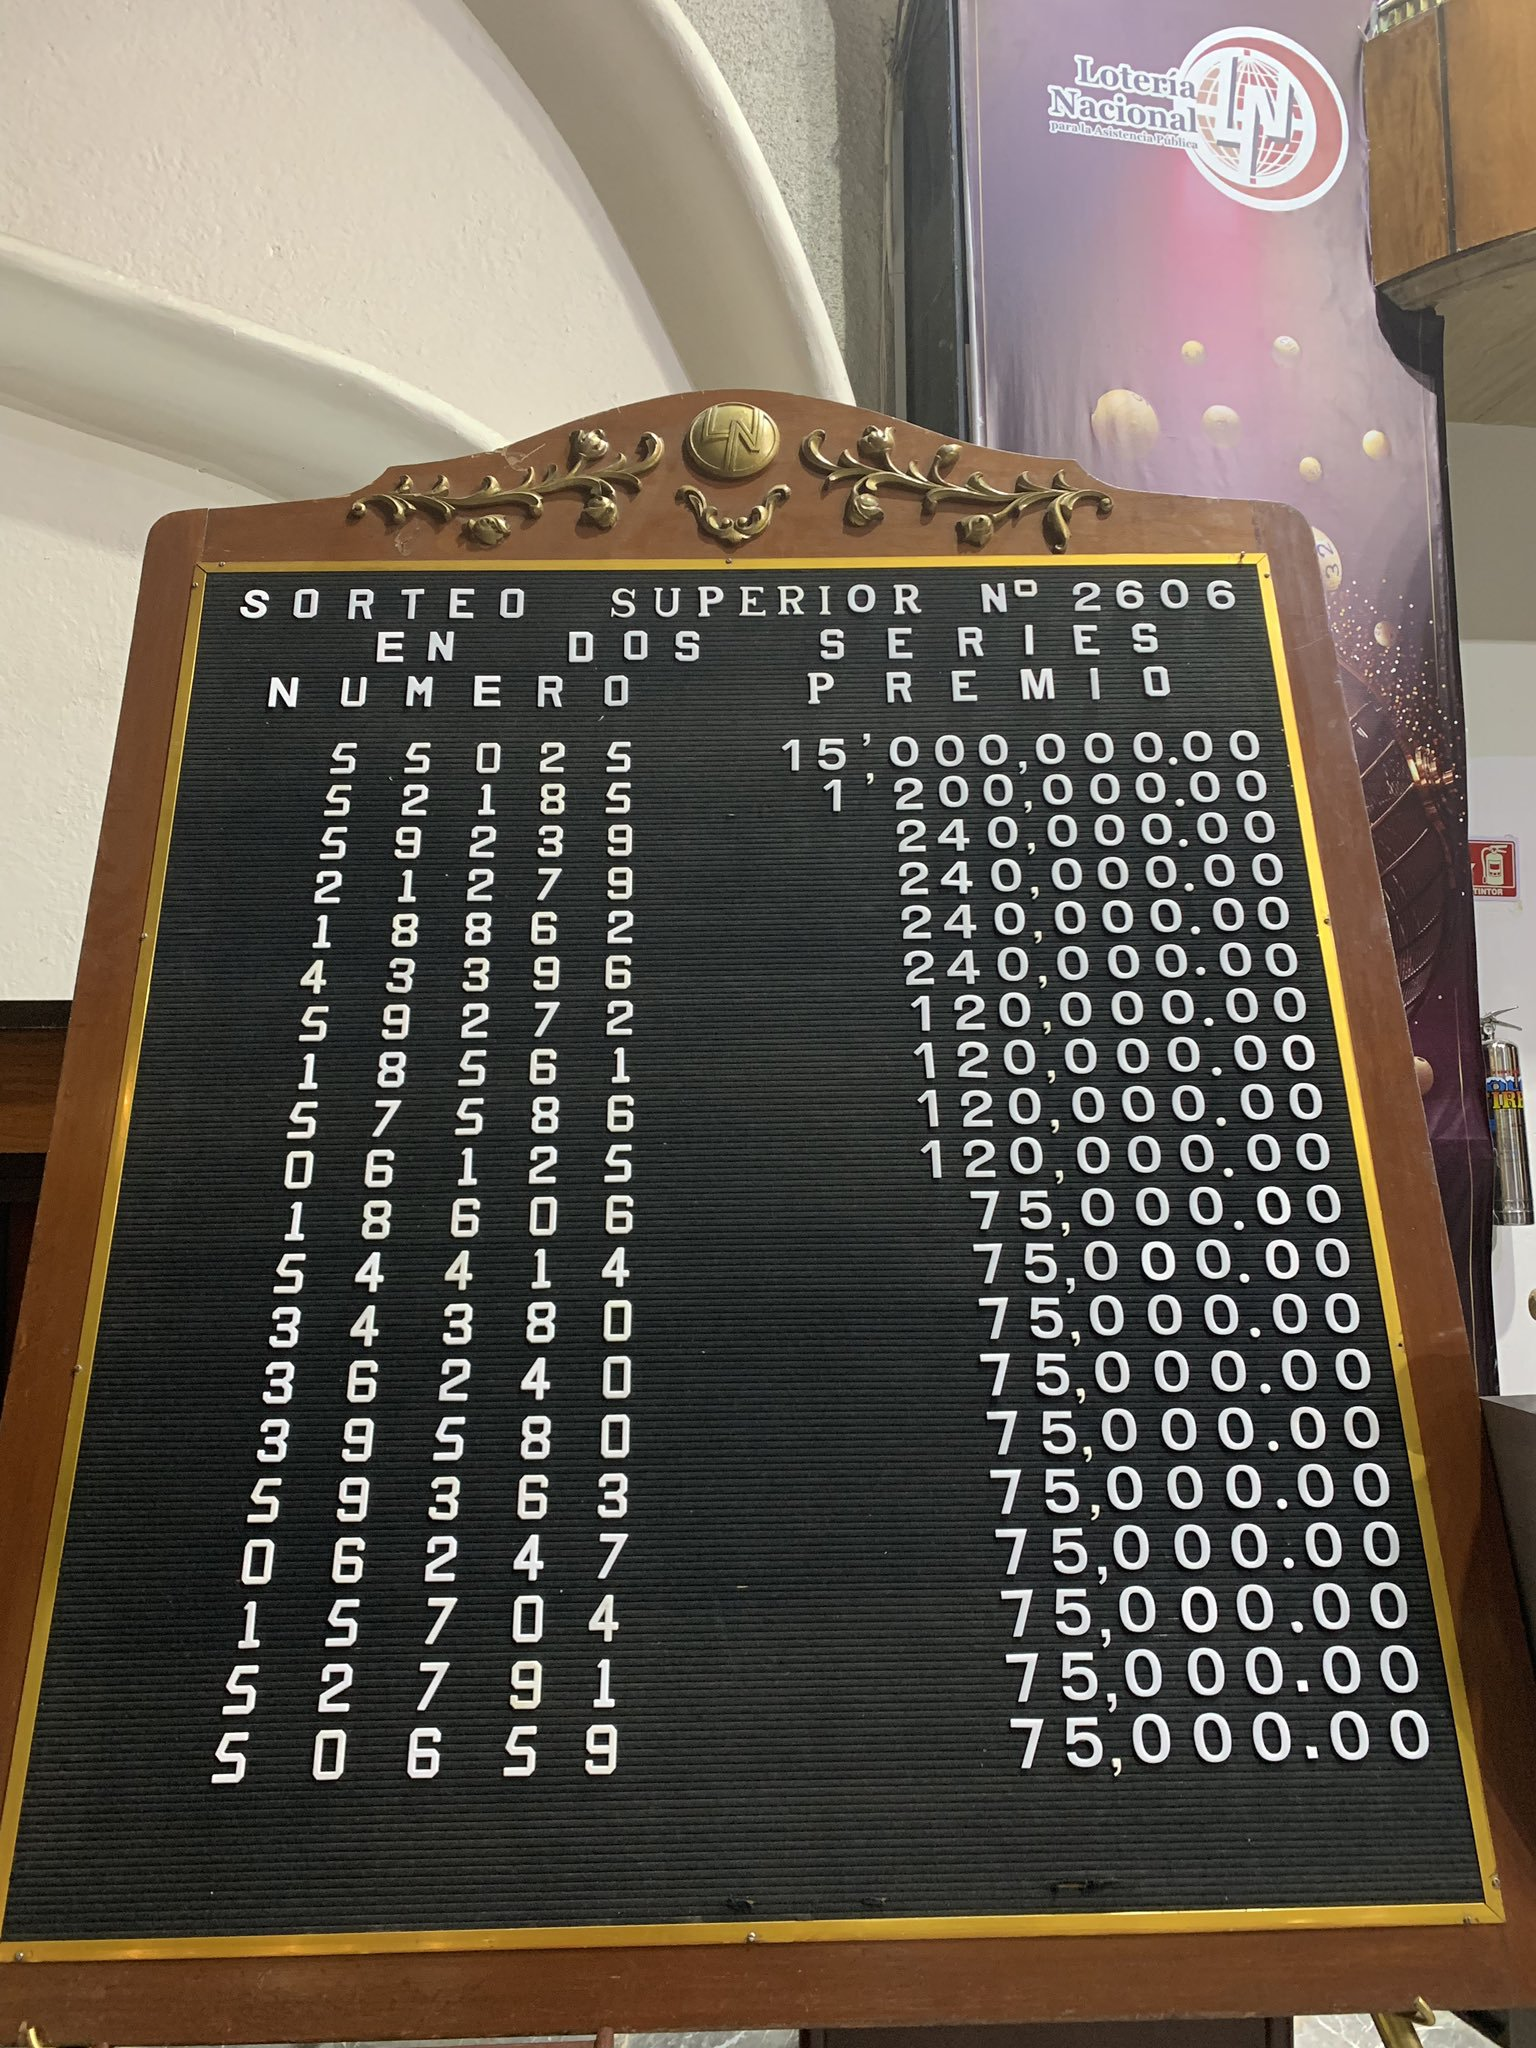 Resultados sorteo superior 2606